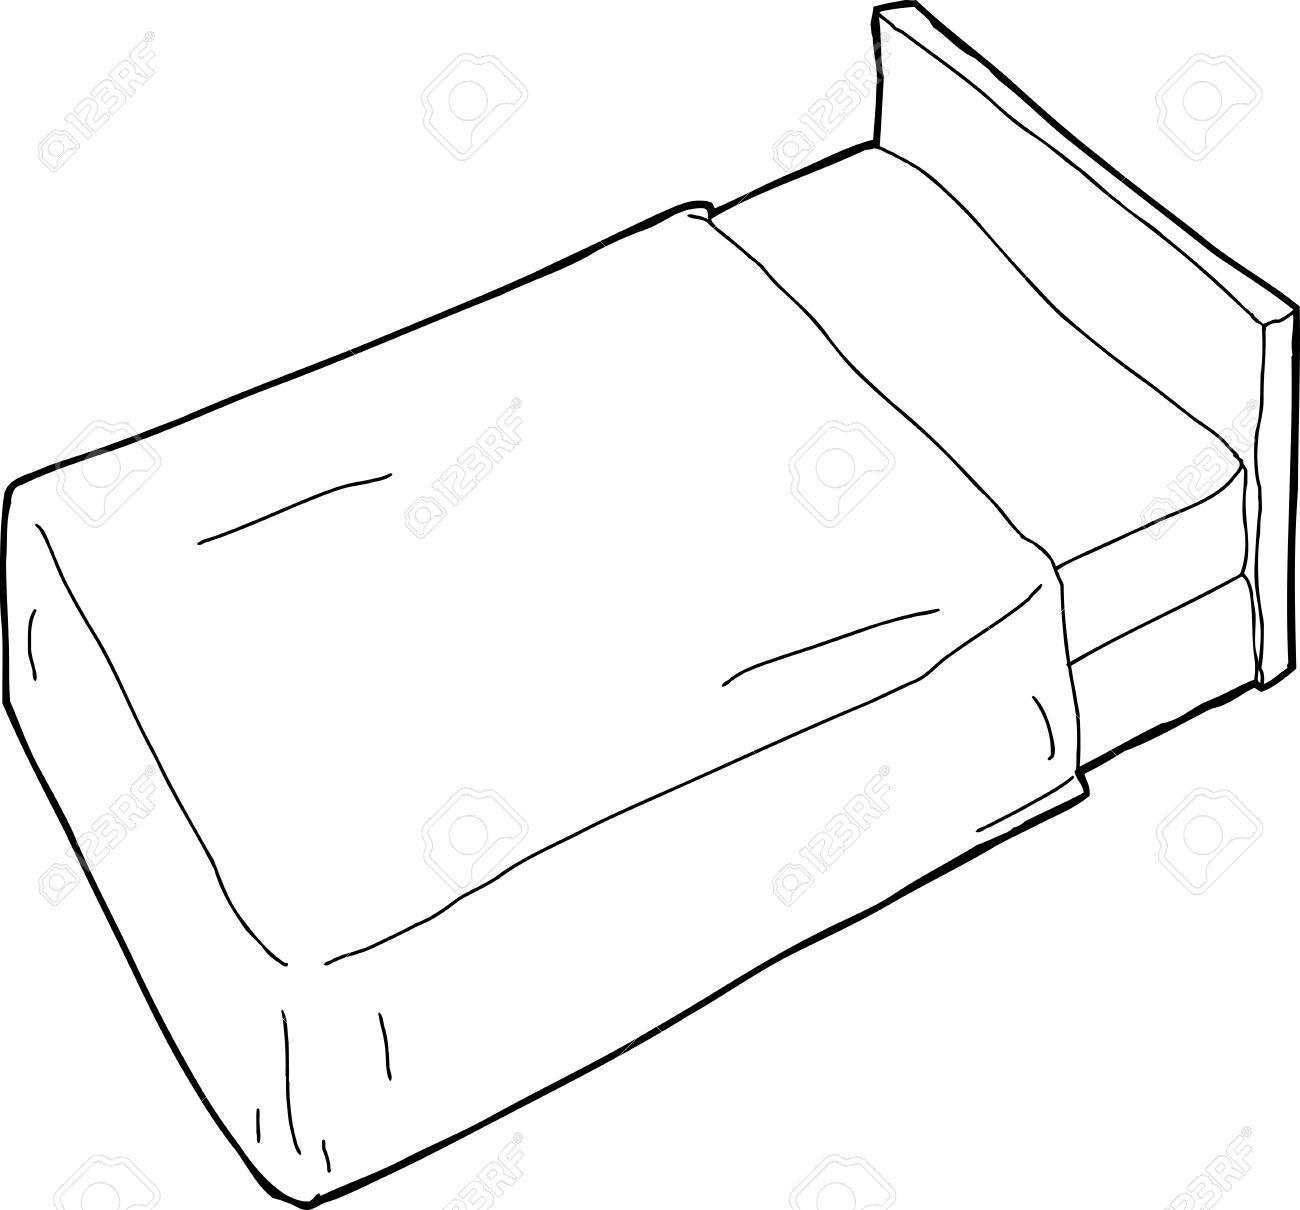 Schreibtisch gezeichnet  Gezeichnet – smash-g8.de